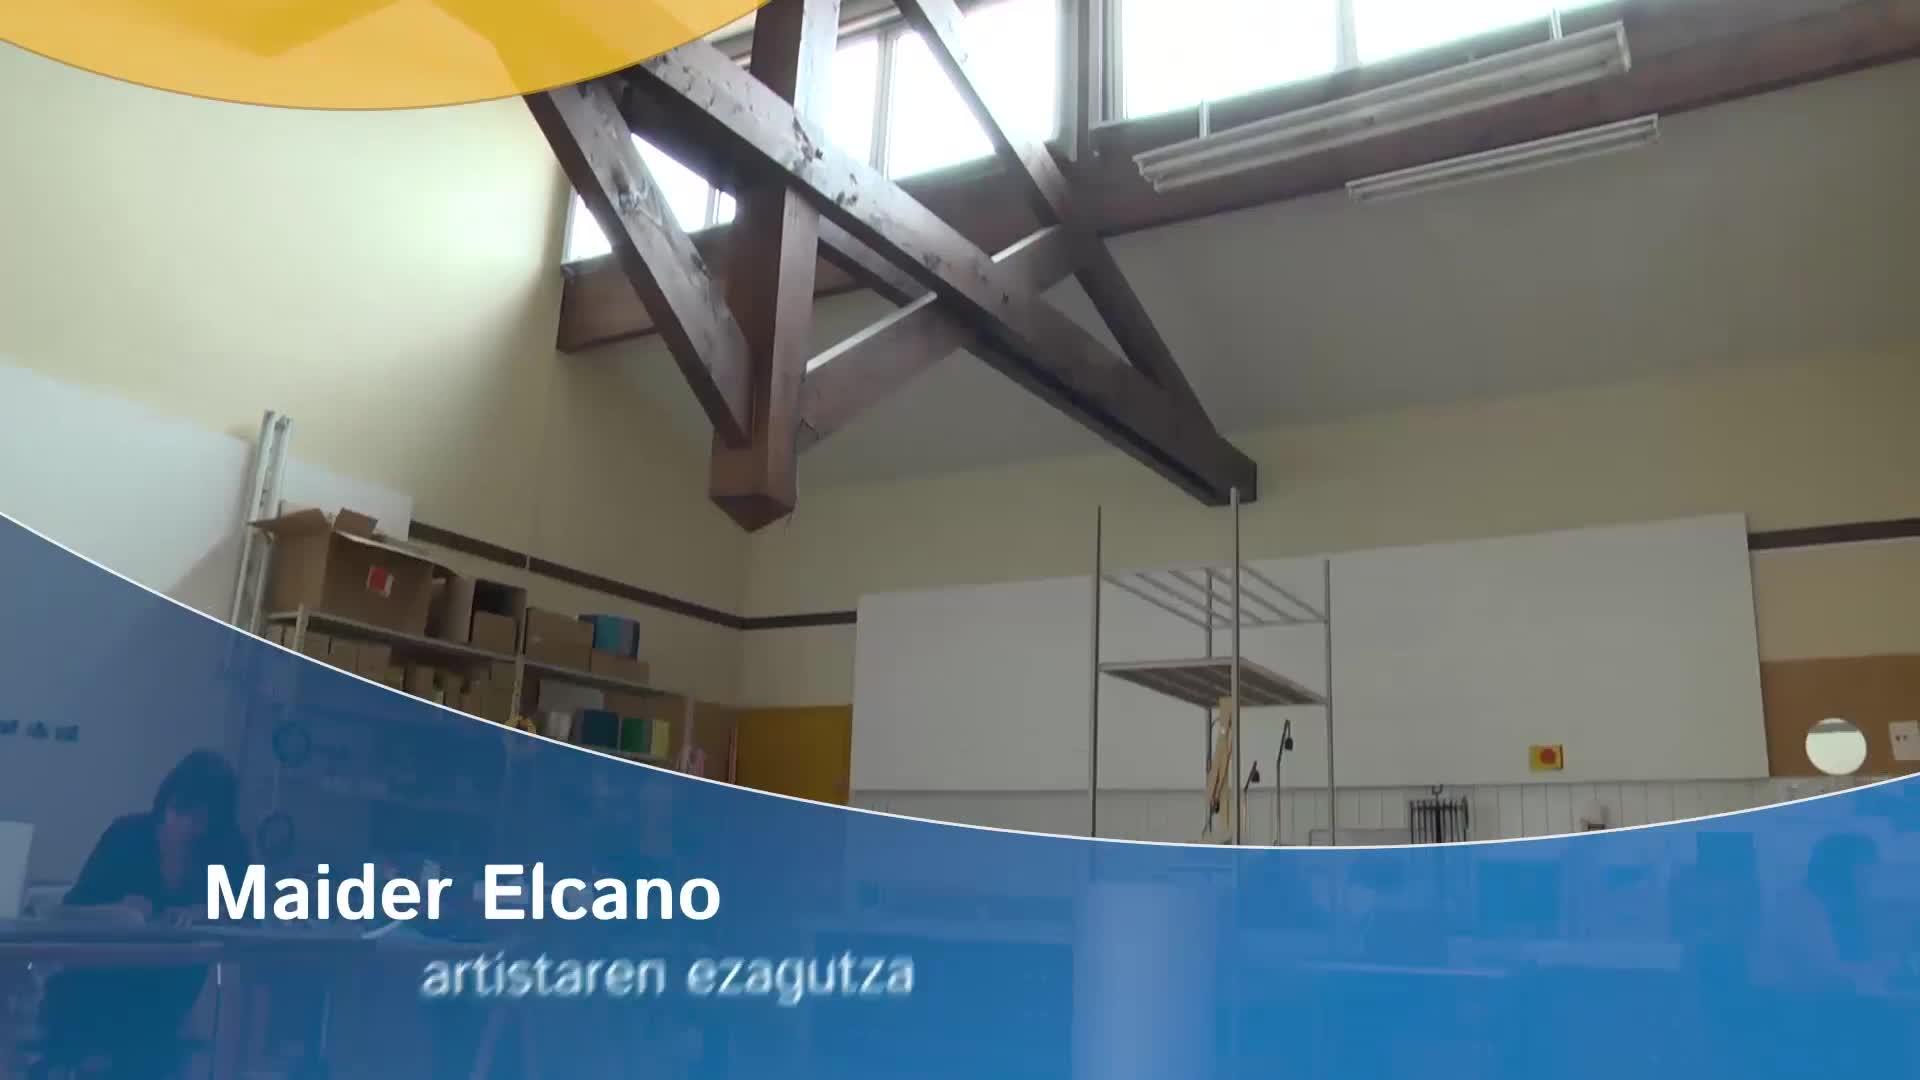 Maider Elcano artistaren ezagutza